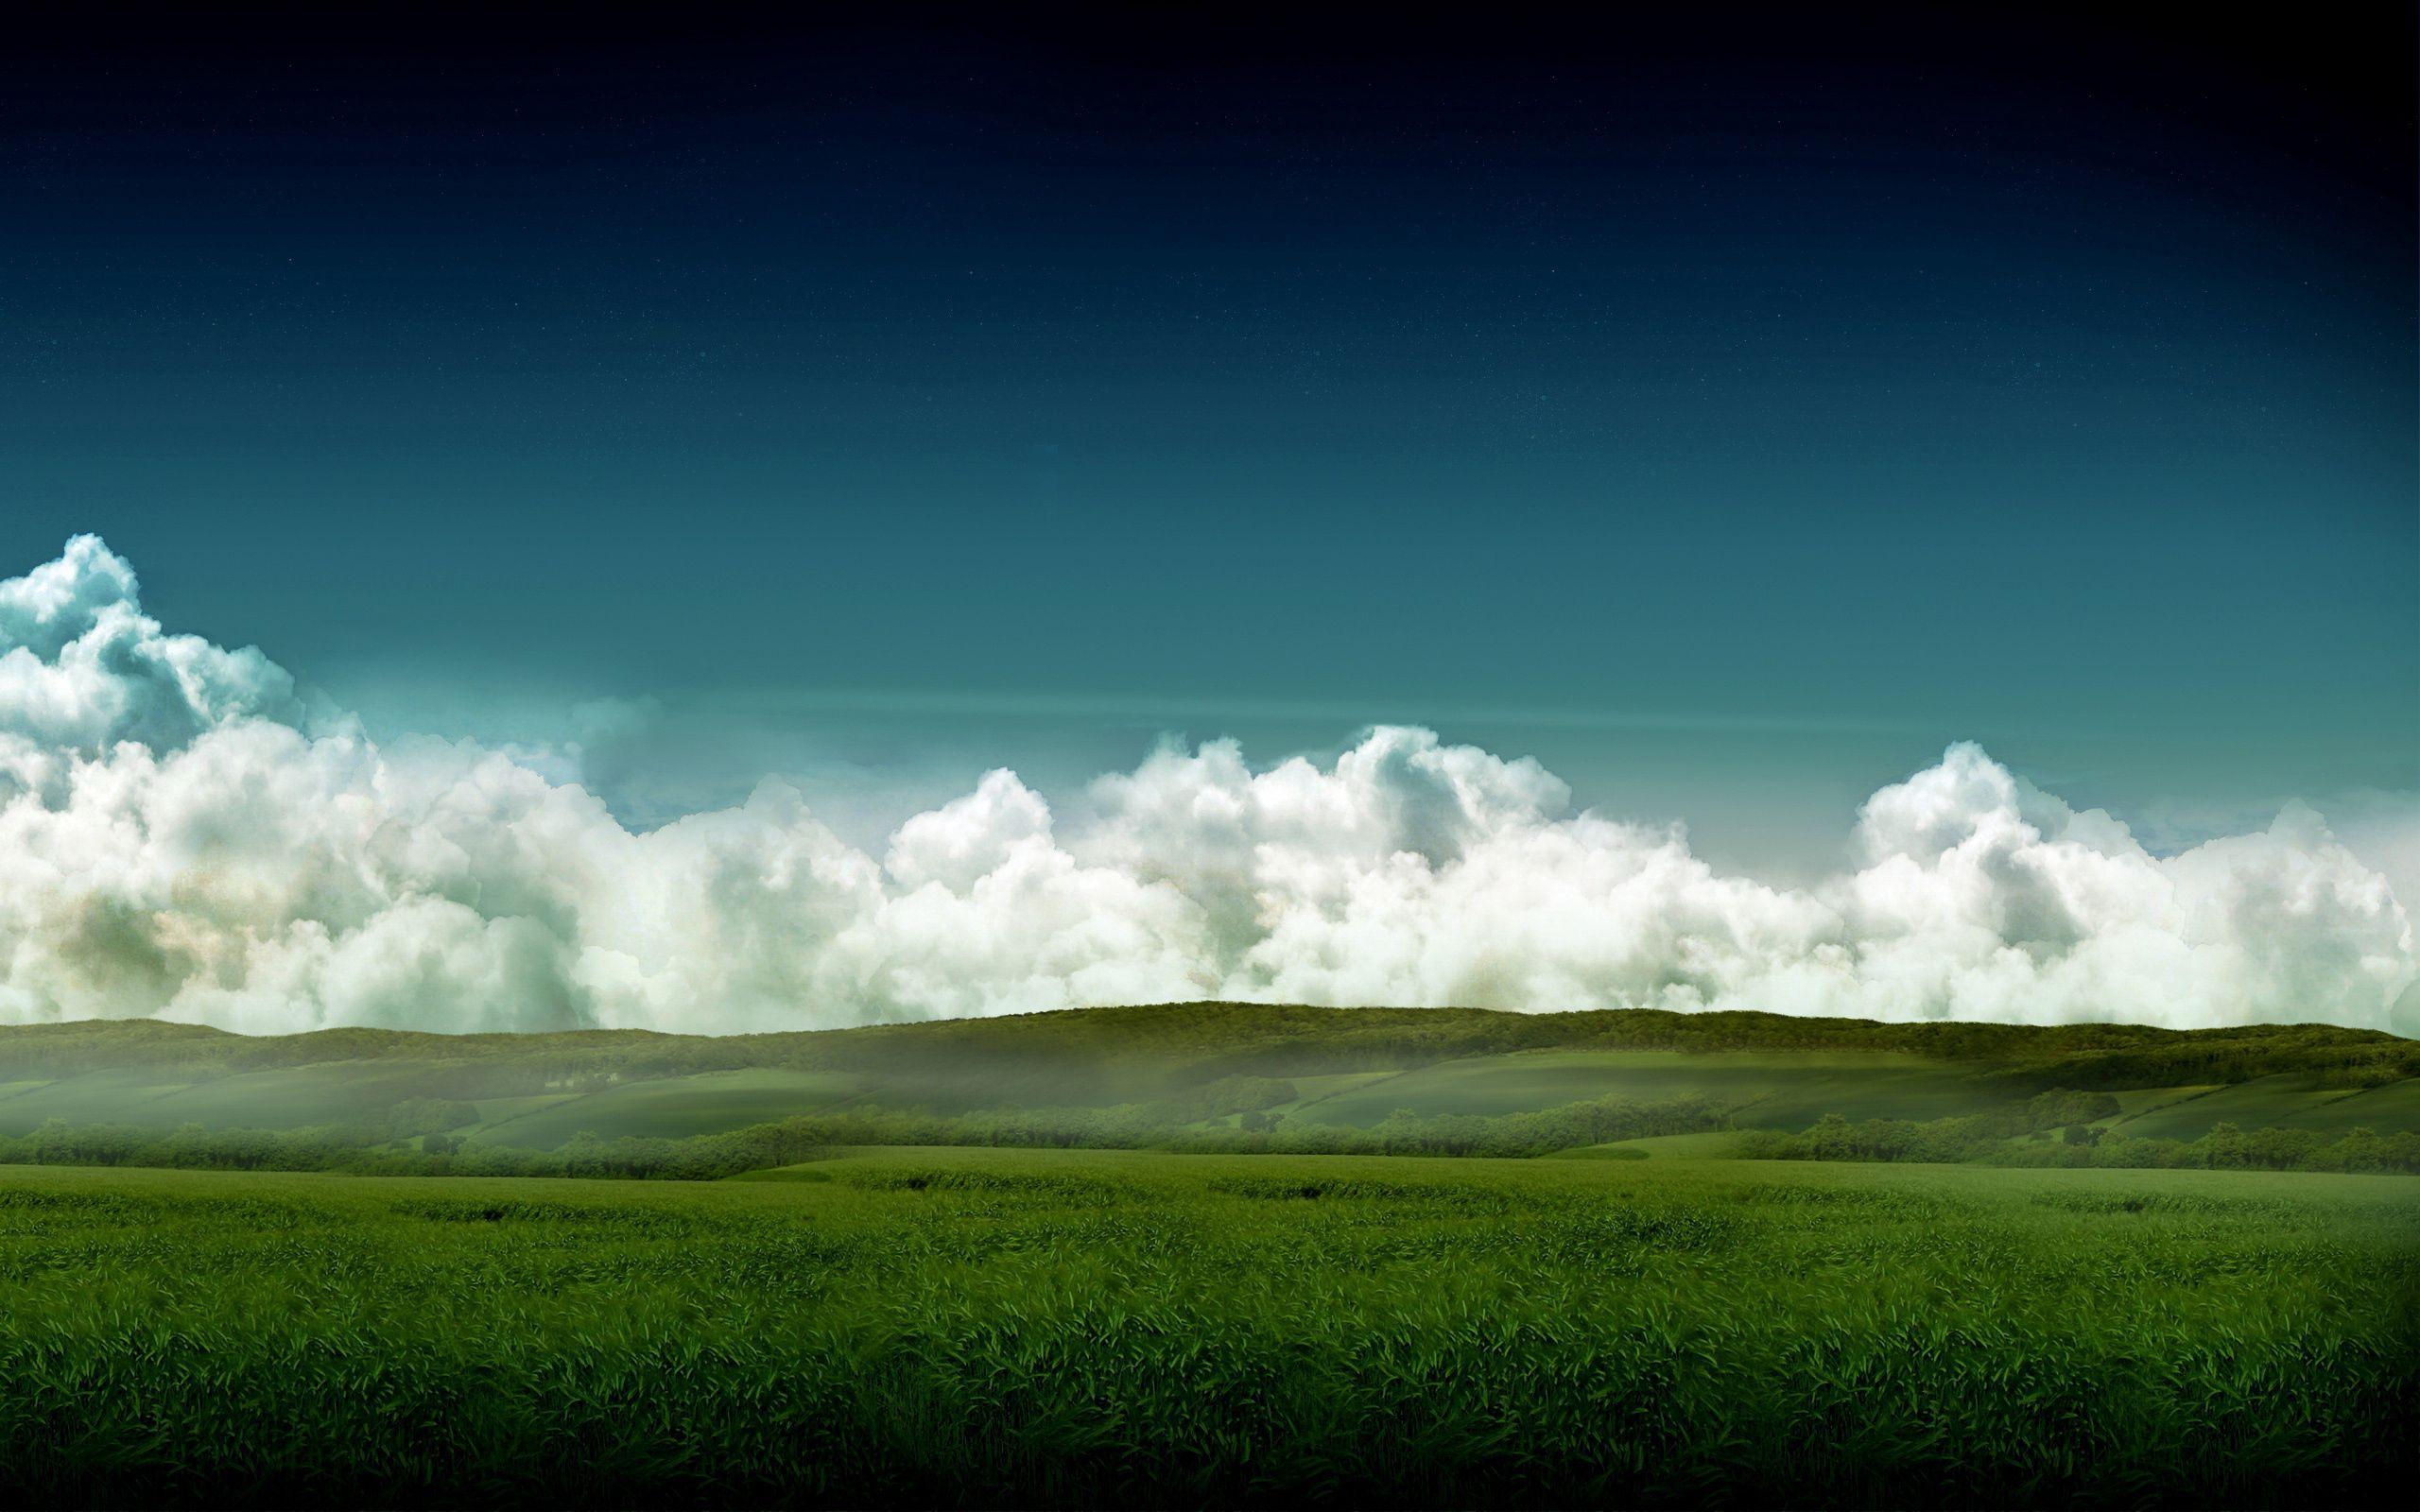 58044 скачать обои Природа, Луга, Поля, Облака, Небо, Объемные, Цвета, Дымка, Трава, Лето, Зеленый, След - заставки и картинки бесплатно